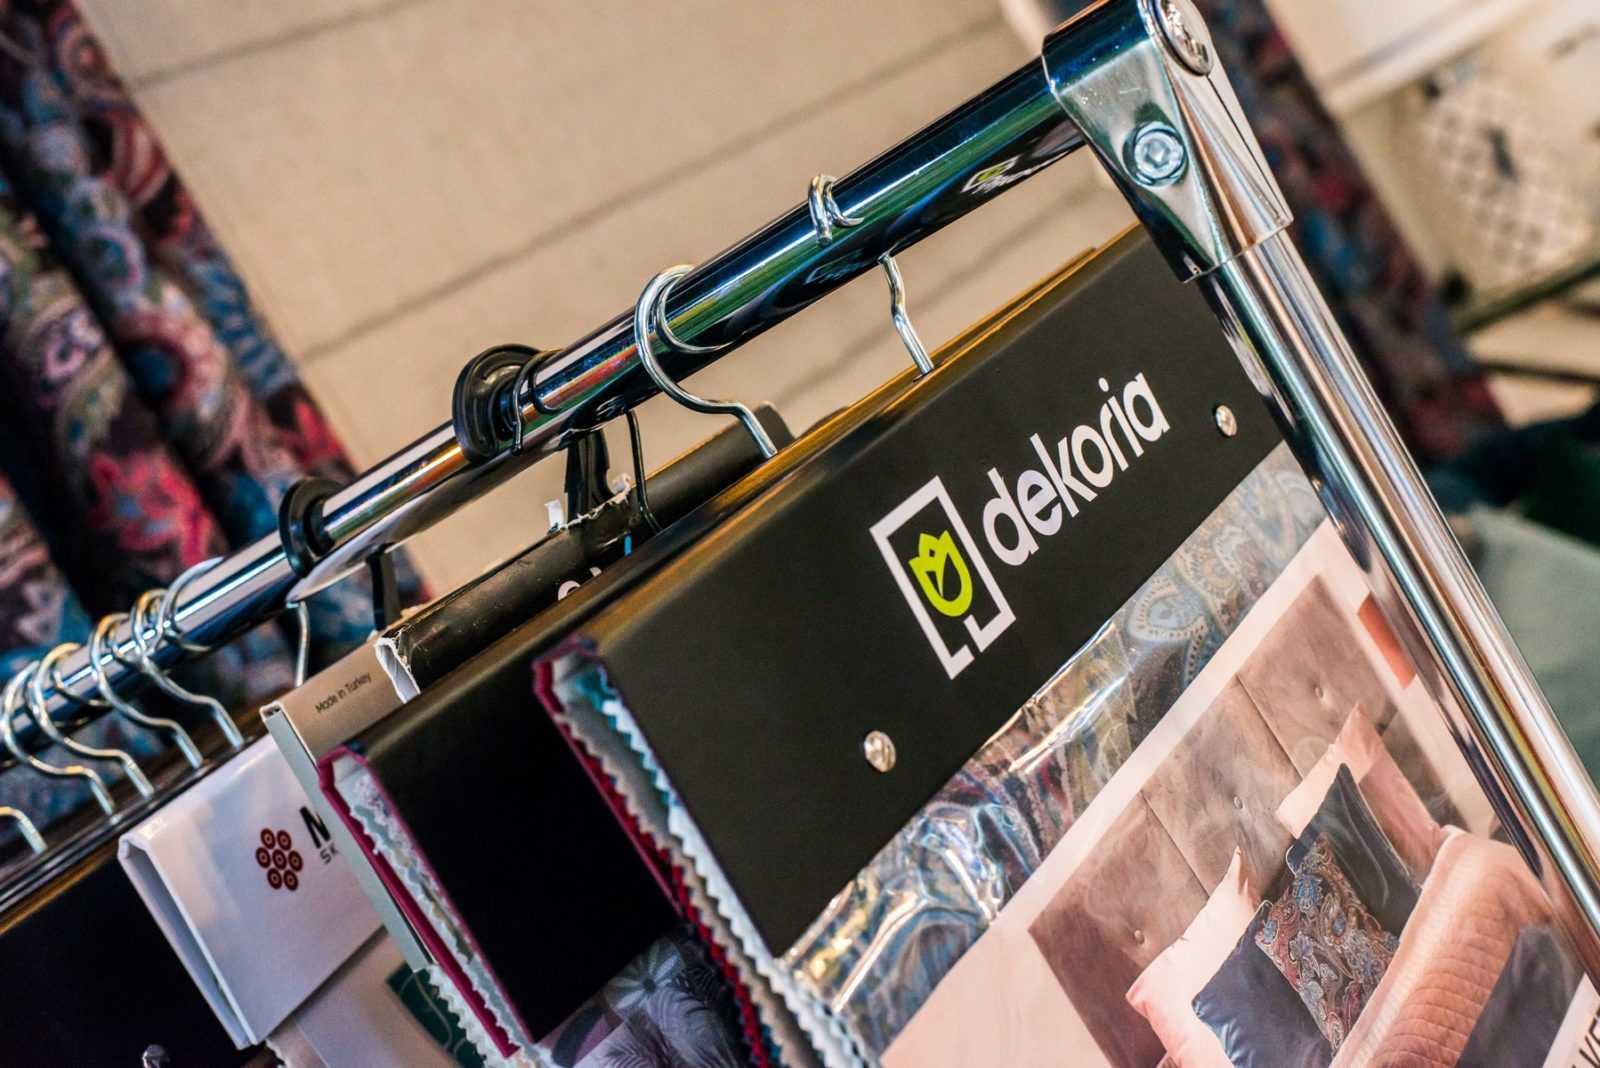 dekorshop showroom sklep z wyposazeniem wnetrz gdansk gdynia trojmiasto (74)